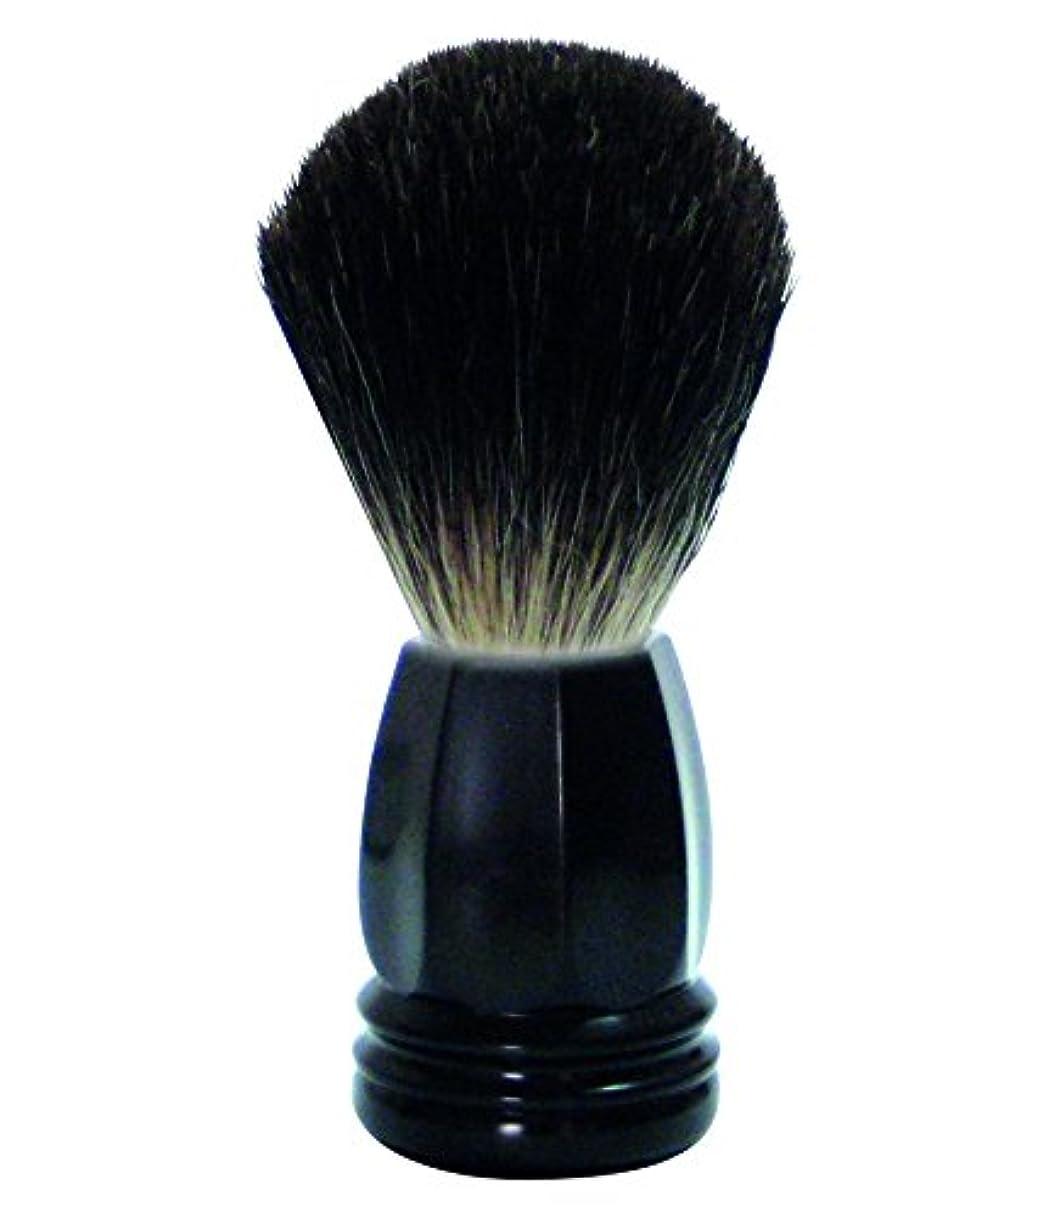 中級お酢フレアGOLDDACHS Shaving Brush, 100% Badger hair, black polymer handle